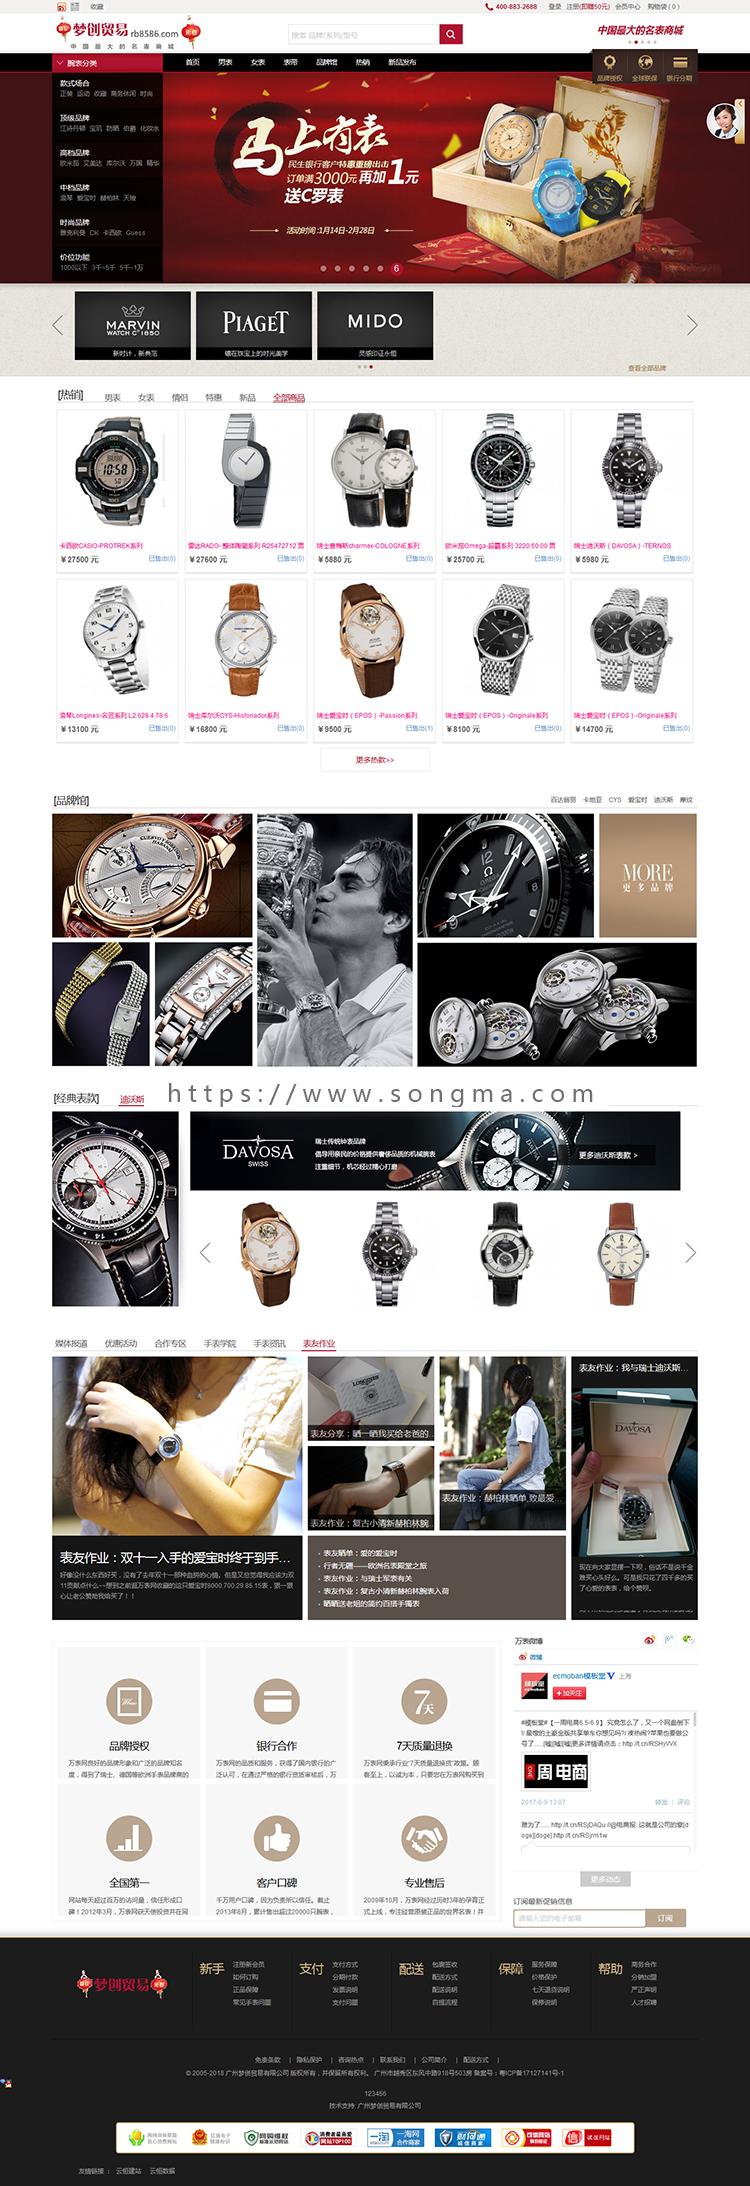 ECSHOP最新万表网模板大气手表商城购物网站源码 带整站数据内容